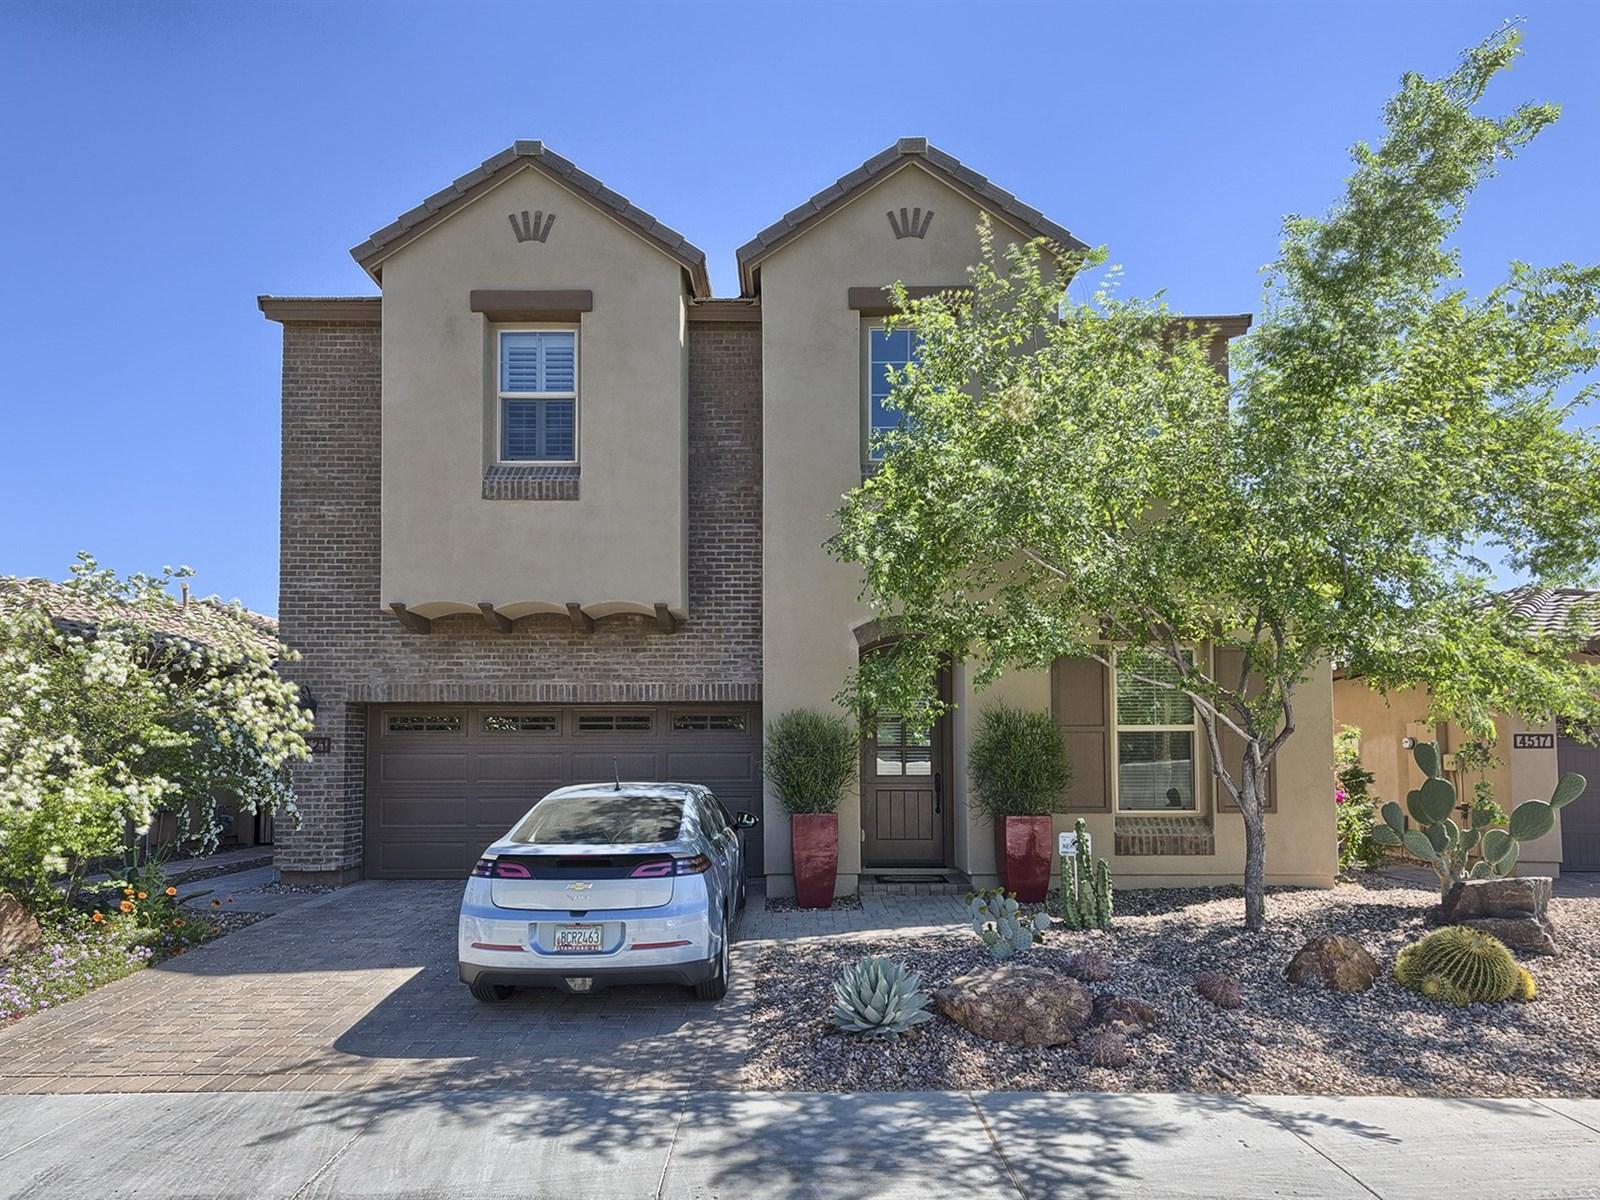 一戸建て のために 売買 アット Absolute Tuscan Jewel 4521 N 33RD PL Phoenix, アリゾナ 85018 アメリカ合衆国